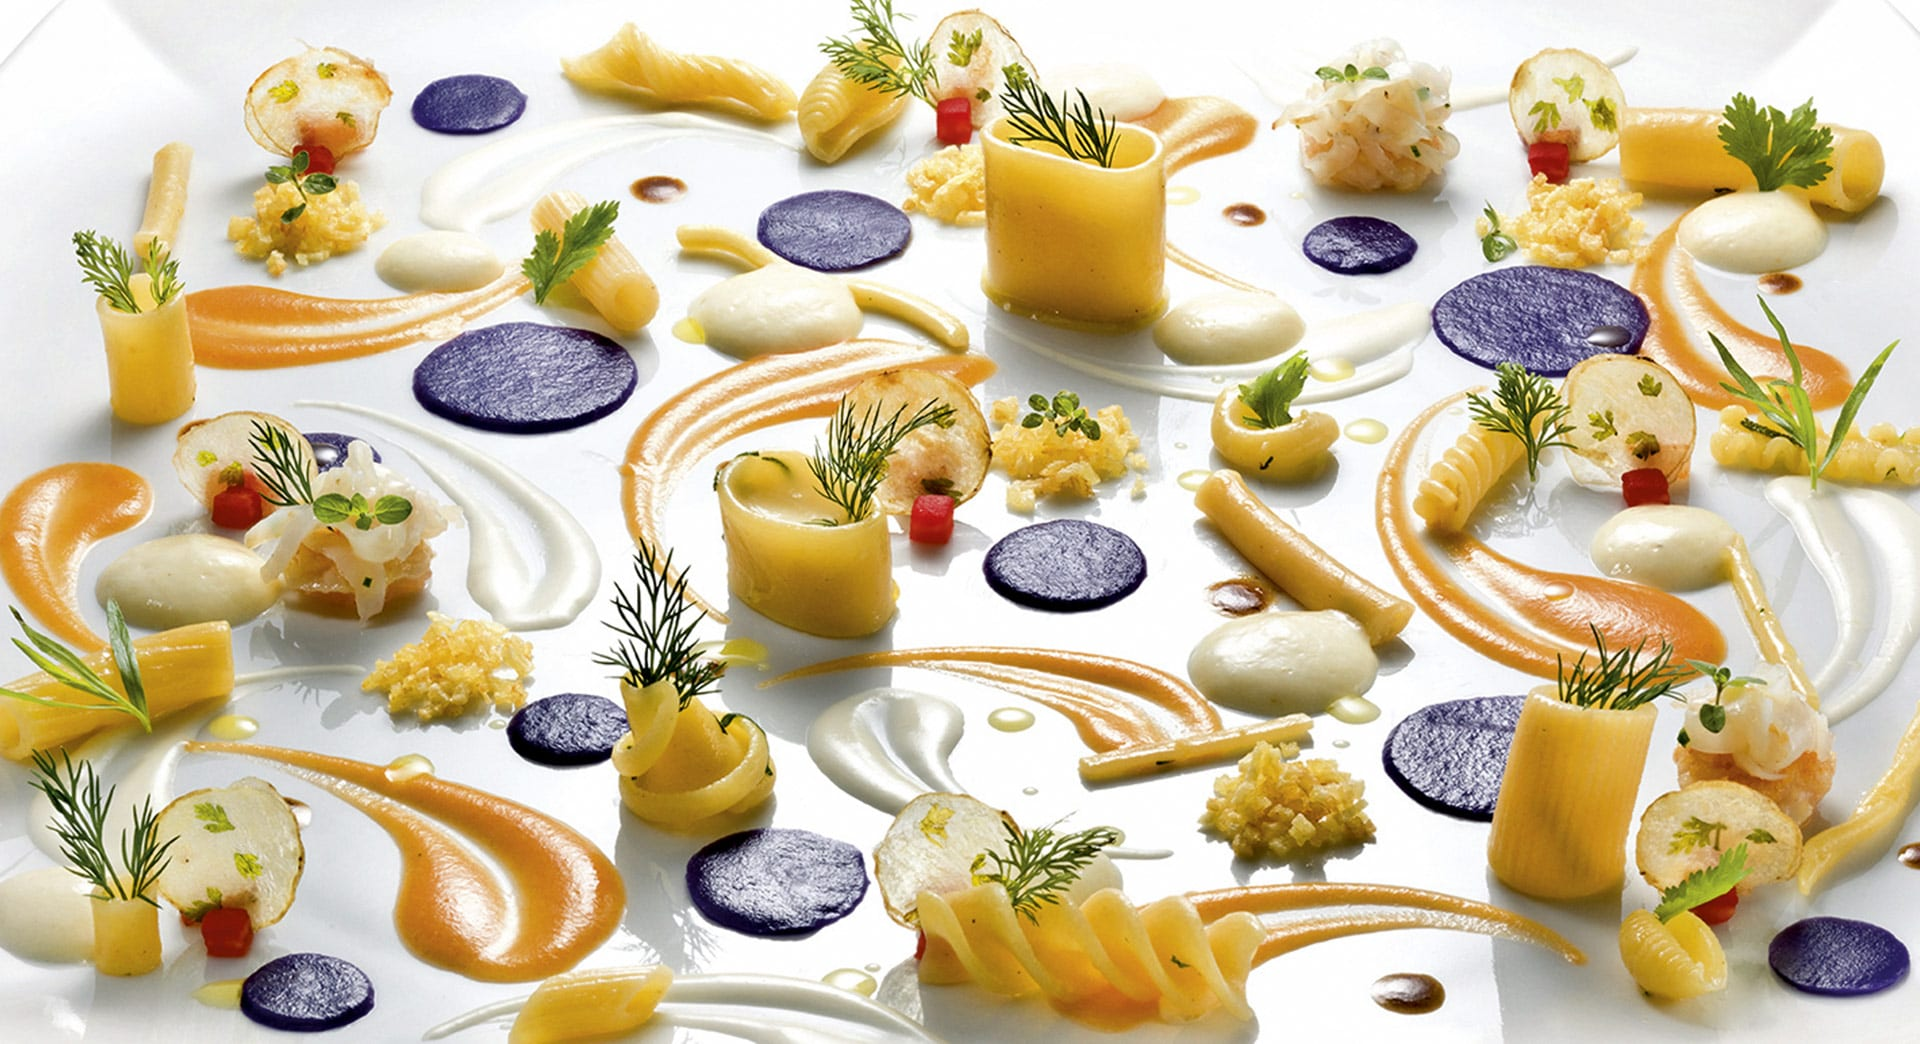 La pasta e patate di Nino Di Costanzo